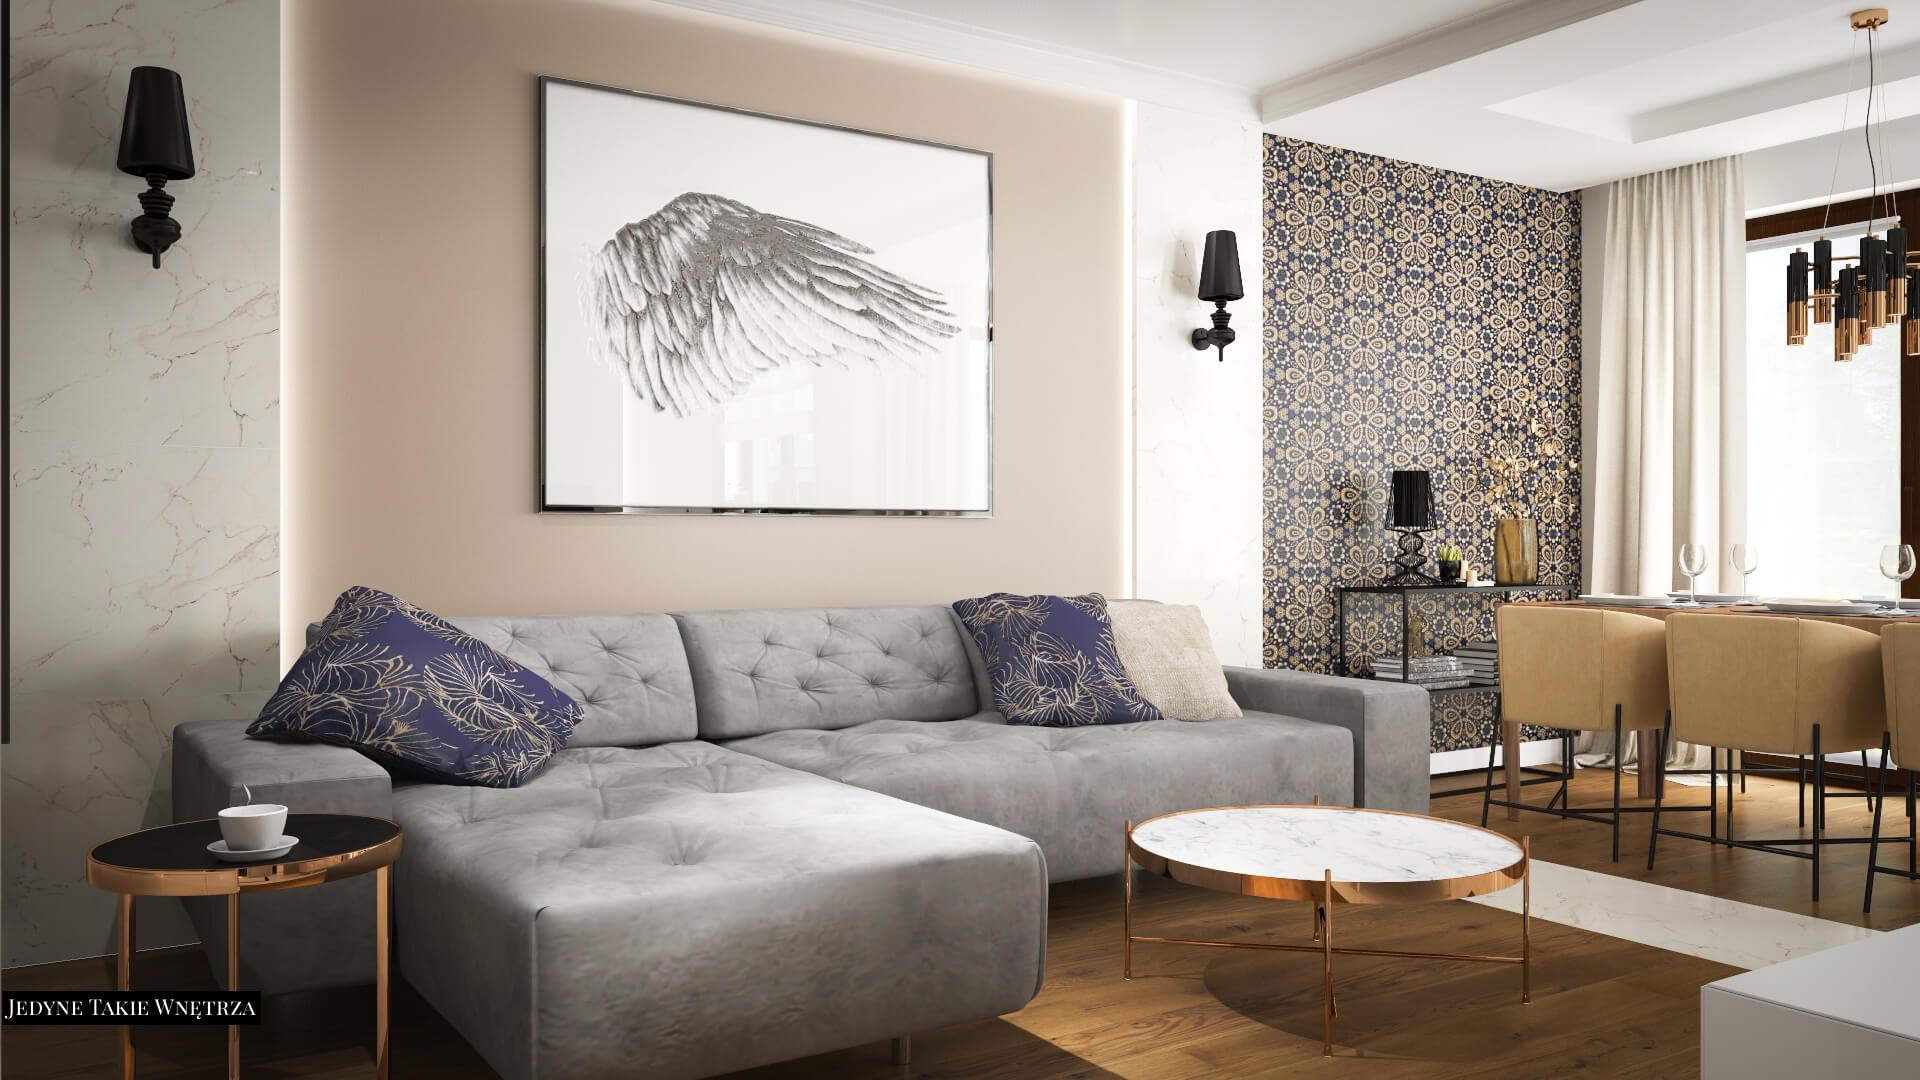 Nowoczesny salon z szarym narożnikiem. Obok stoi marmurowy stolik kawowy. Ścianę zdobi duży obraz i przysufitowe listwy.